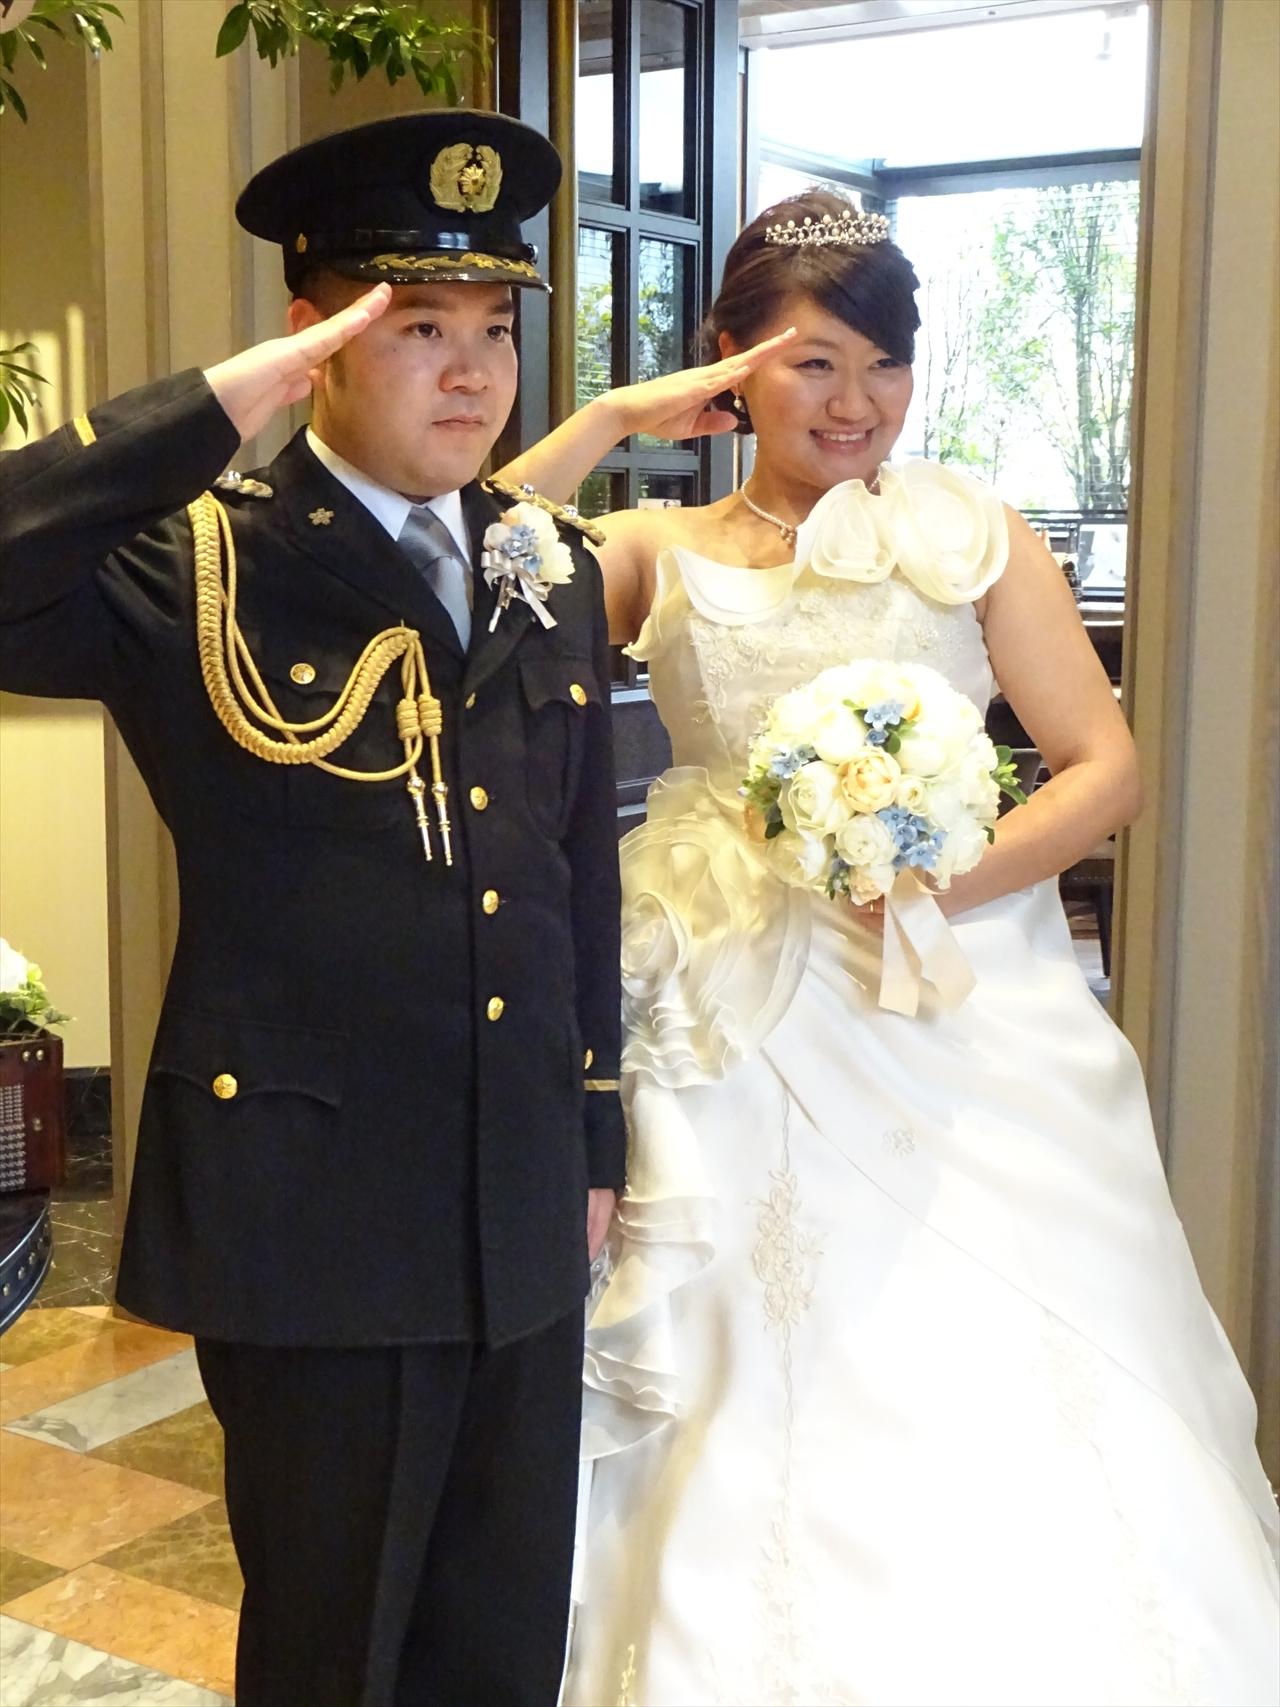 警察官のこうへいさんと、保育のお仕事をされているなほさんとっても仲良しなおふたりそんなおふたりの結婚式は、ゲストの皆様へのおもてなしがたくさんです!